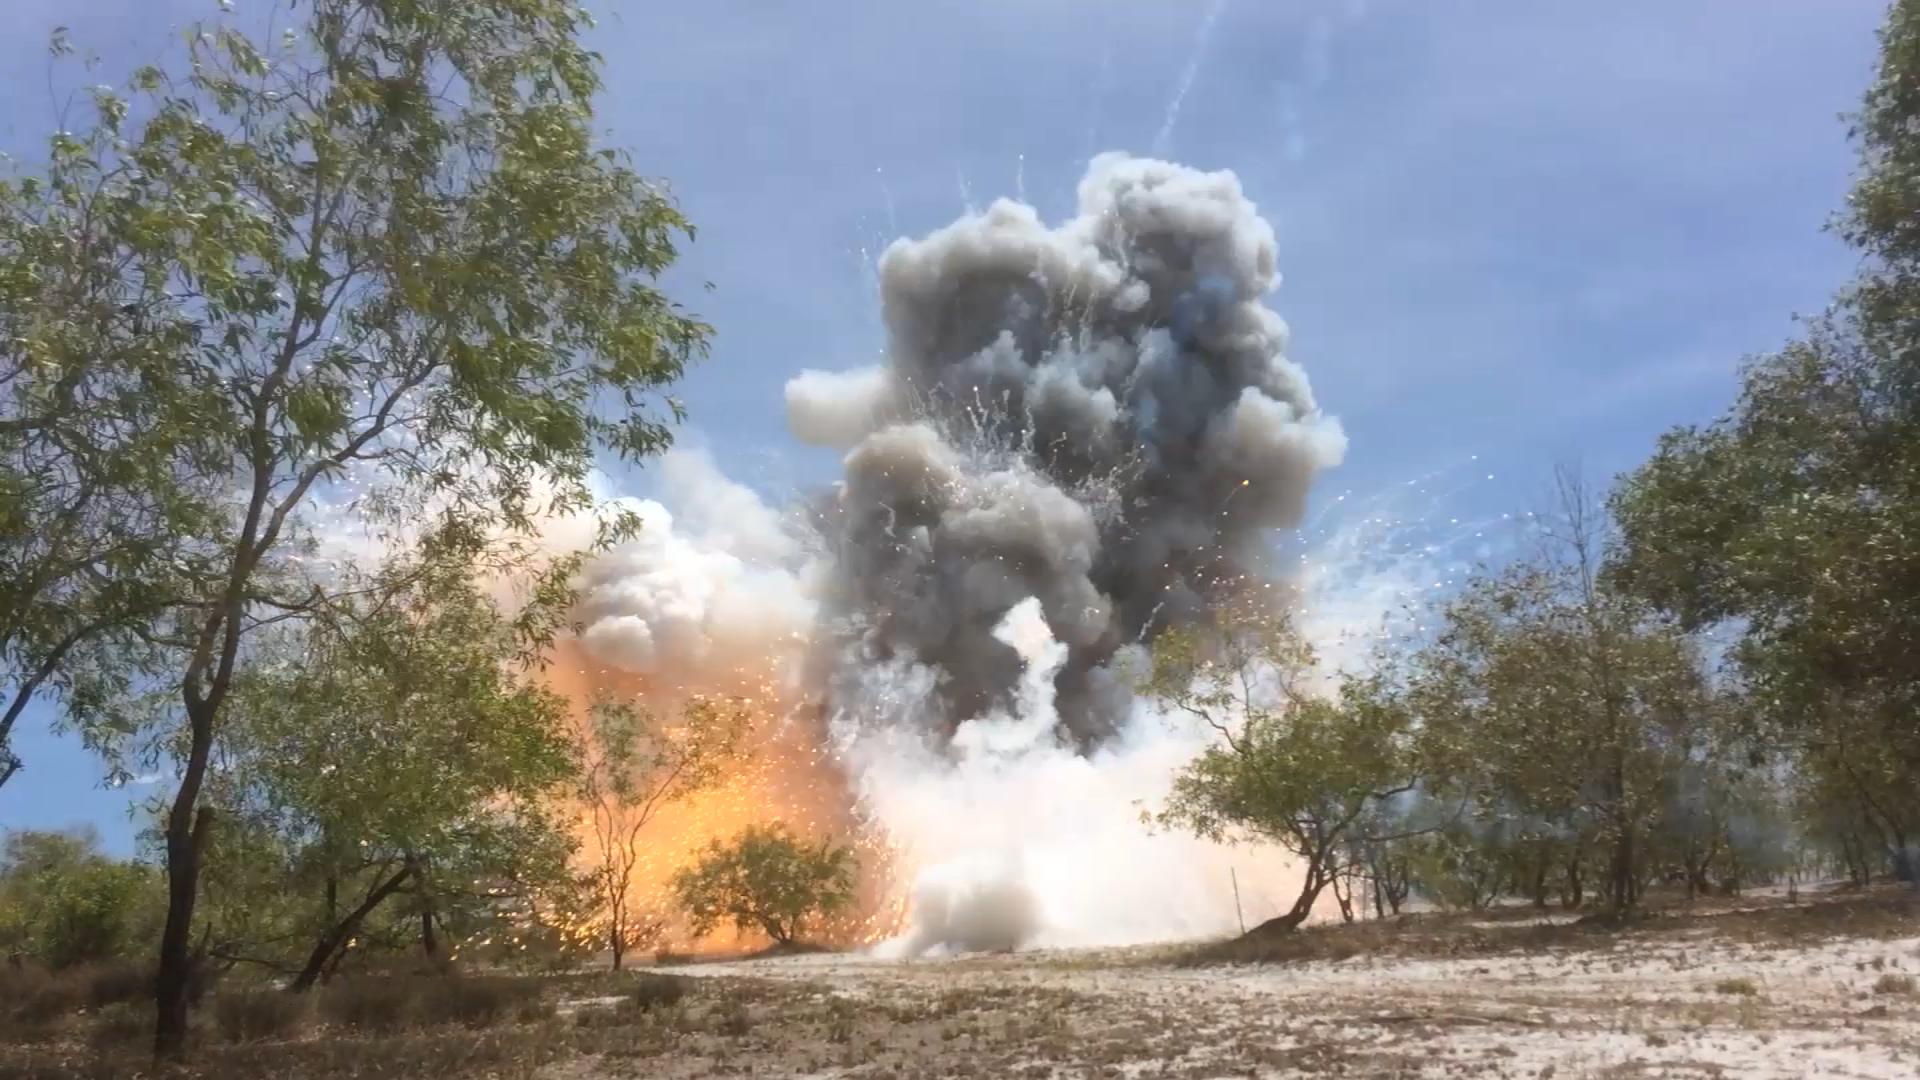 Huỷ nổ hơn 1.400 đạn chiến tranh ở Quảng Trị